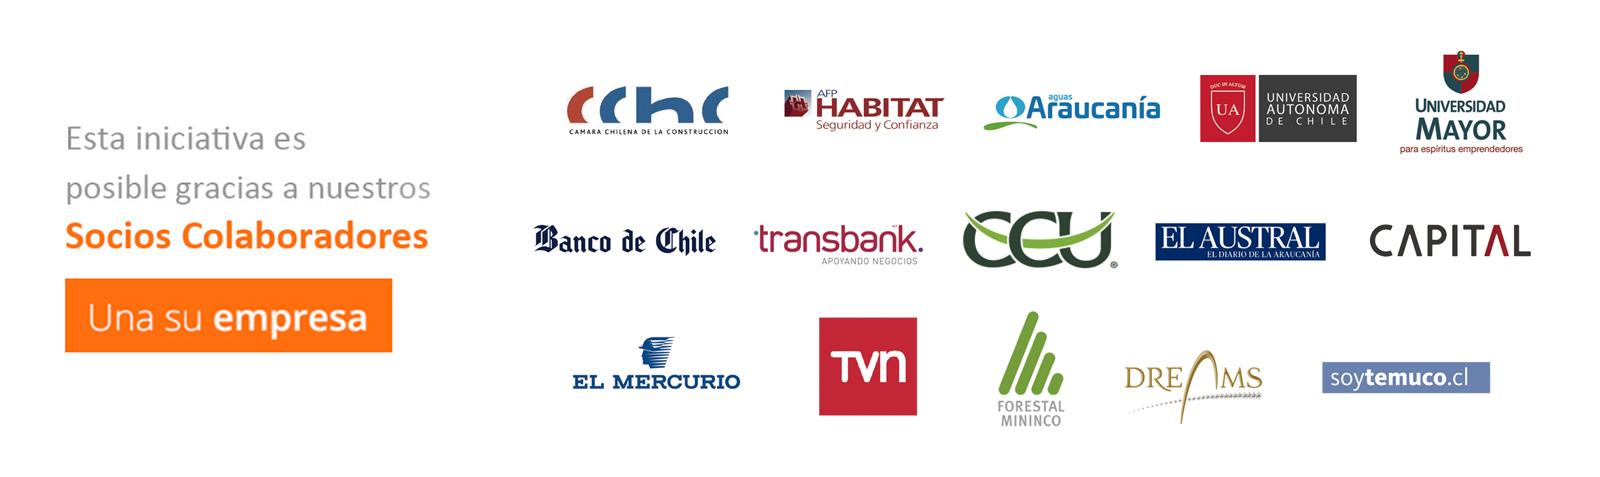 logos-web-junio-2017